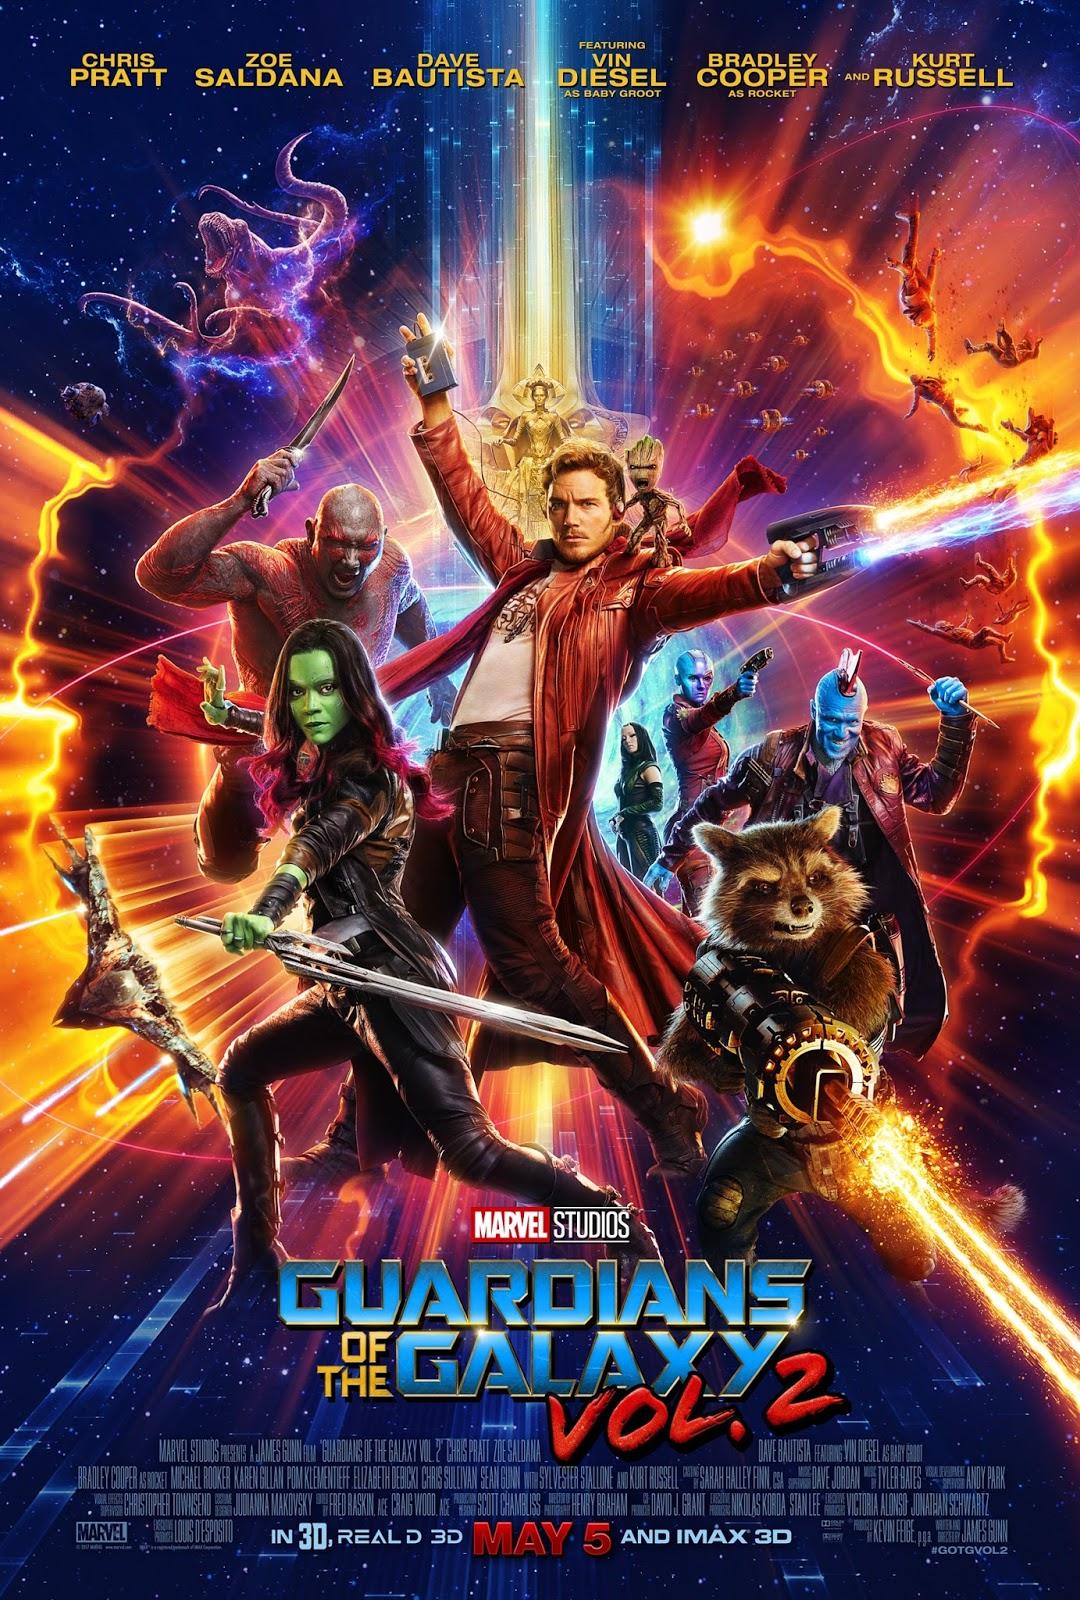 ตัวอย่างหนังใหม่ : Guardians of the Galaxy vol.2 (รวมพันธุ์นักสู้พิทักษ์จักรวาล 2) ซับไทย  poster4